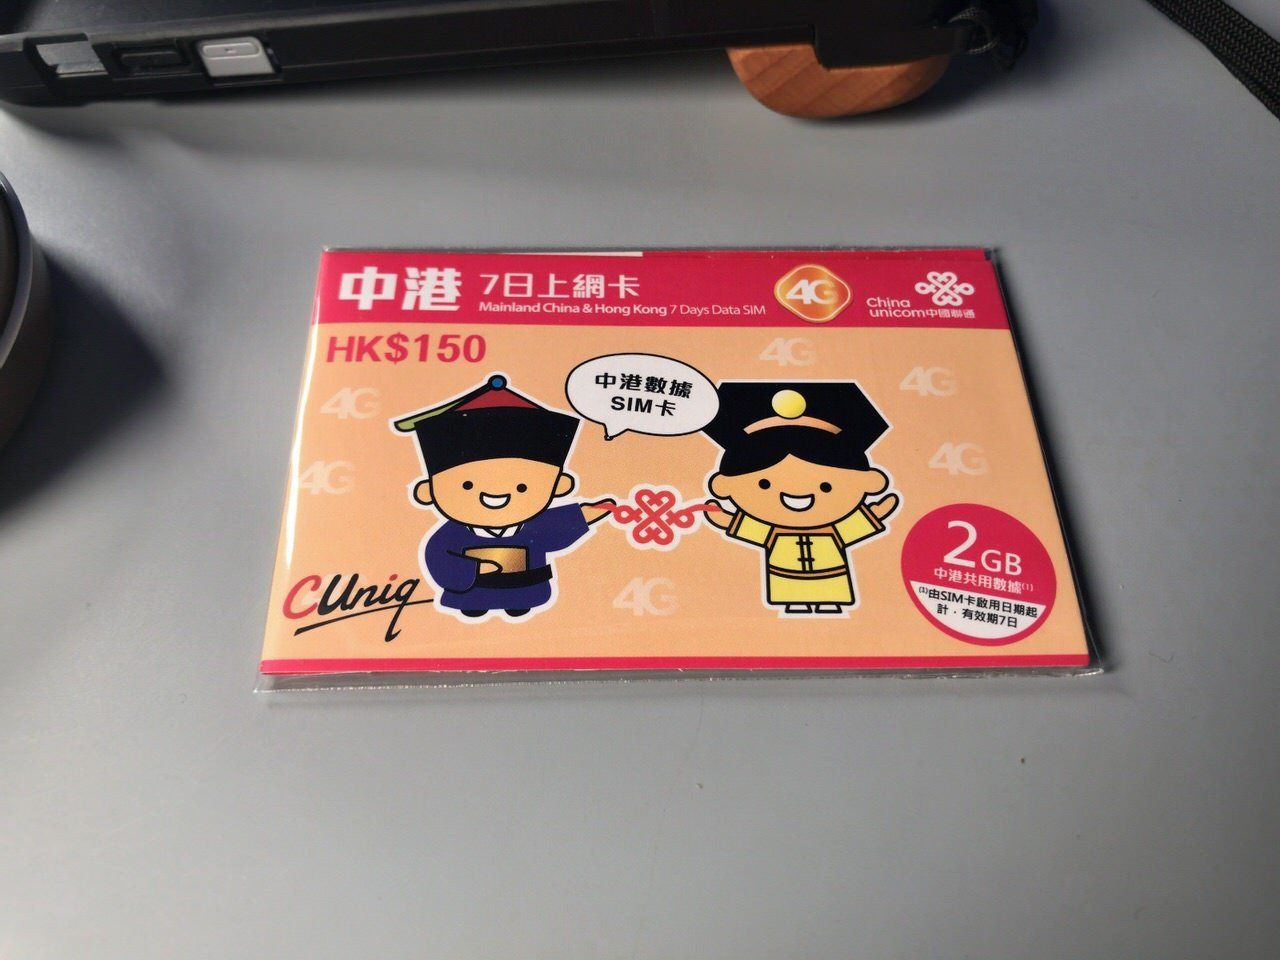 中国(上海)でTwitter/Facebook/LINE/Instagramが普通に使えたSIMカード(感想・口コミ)